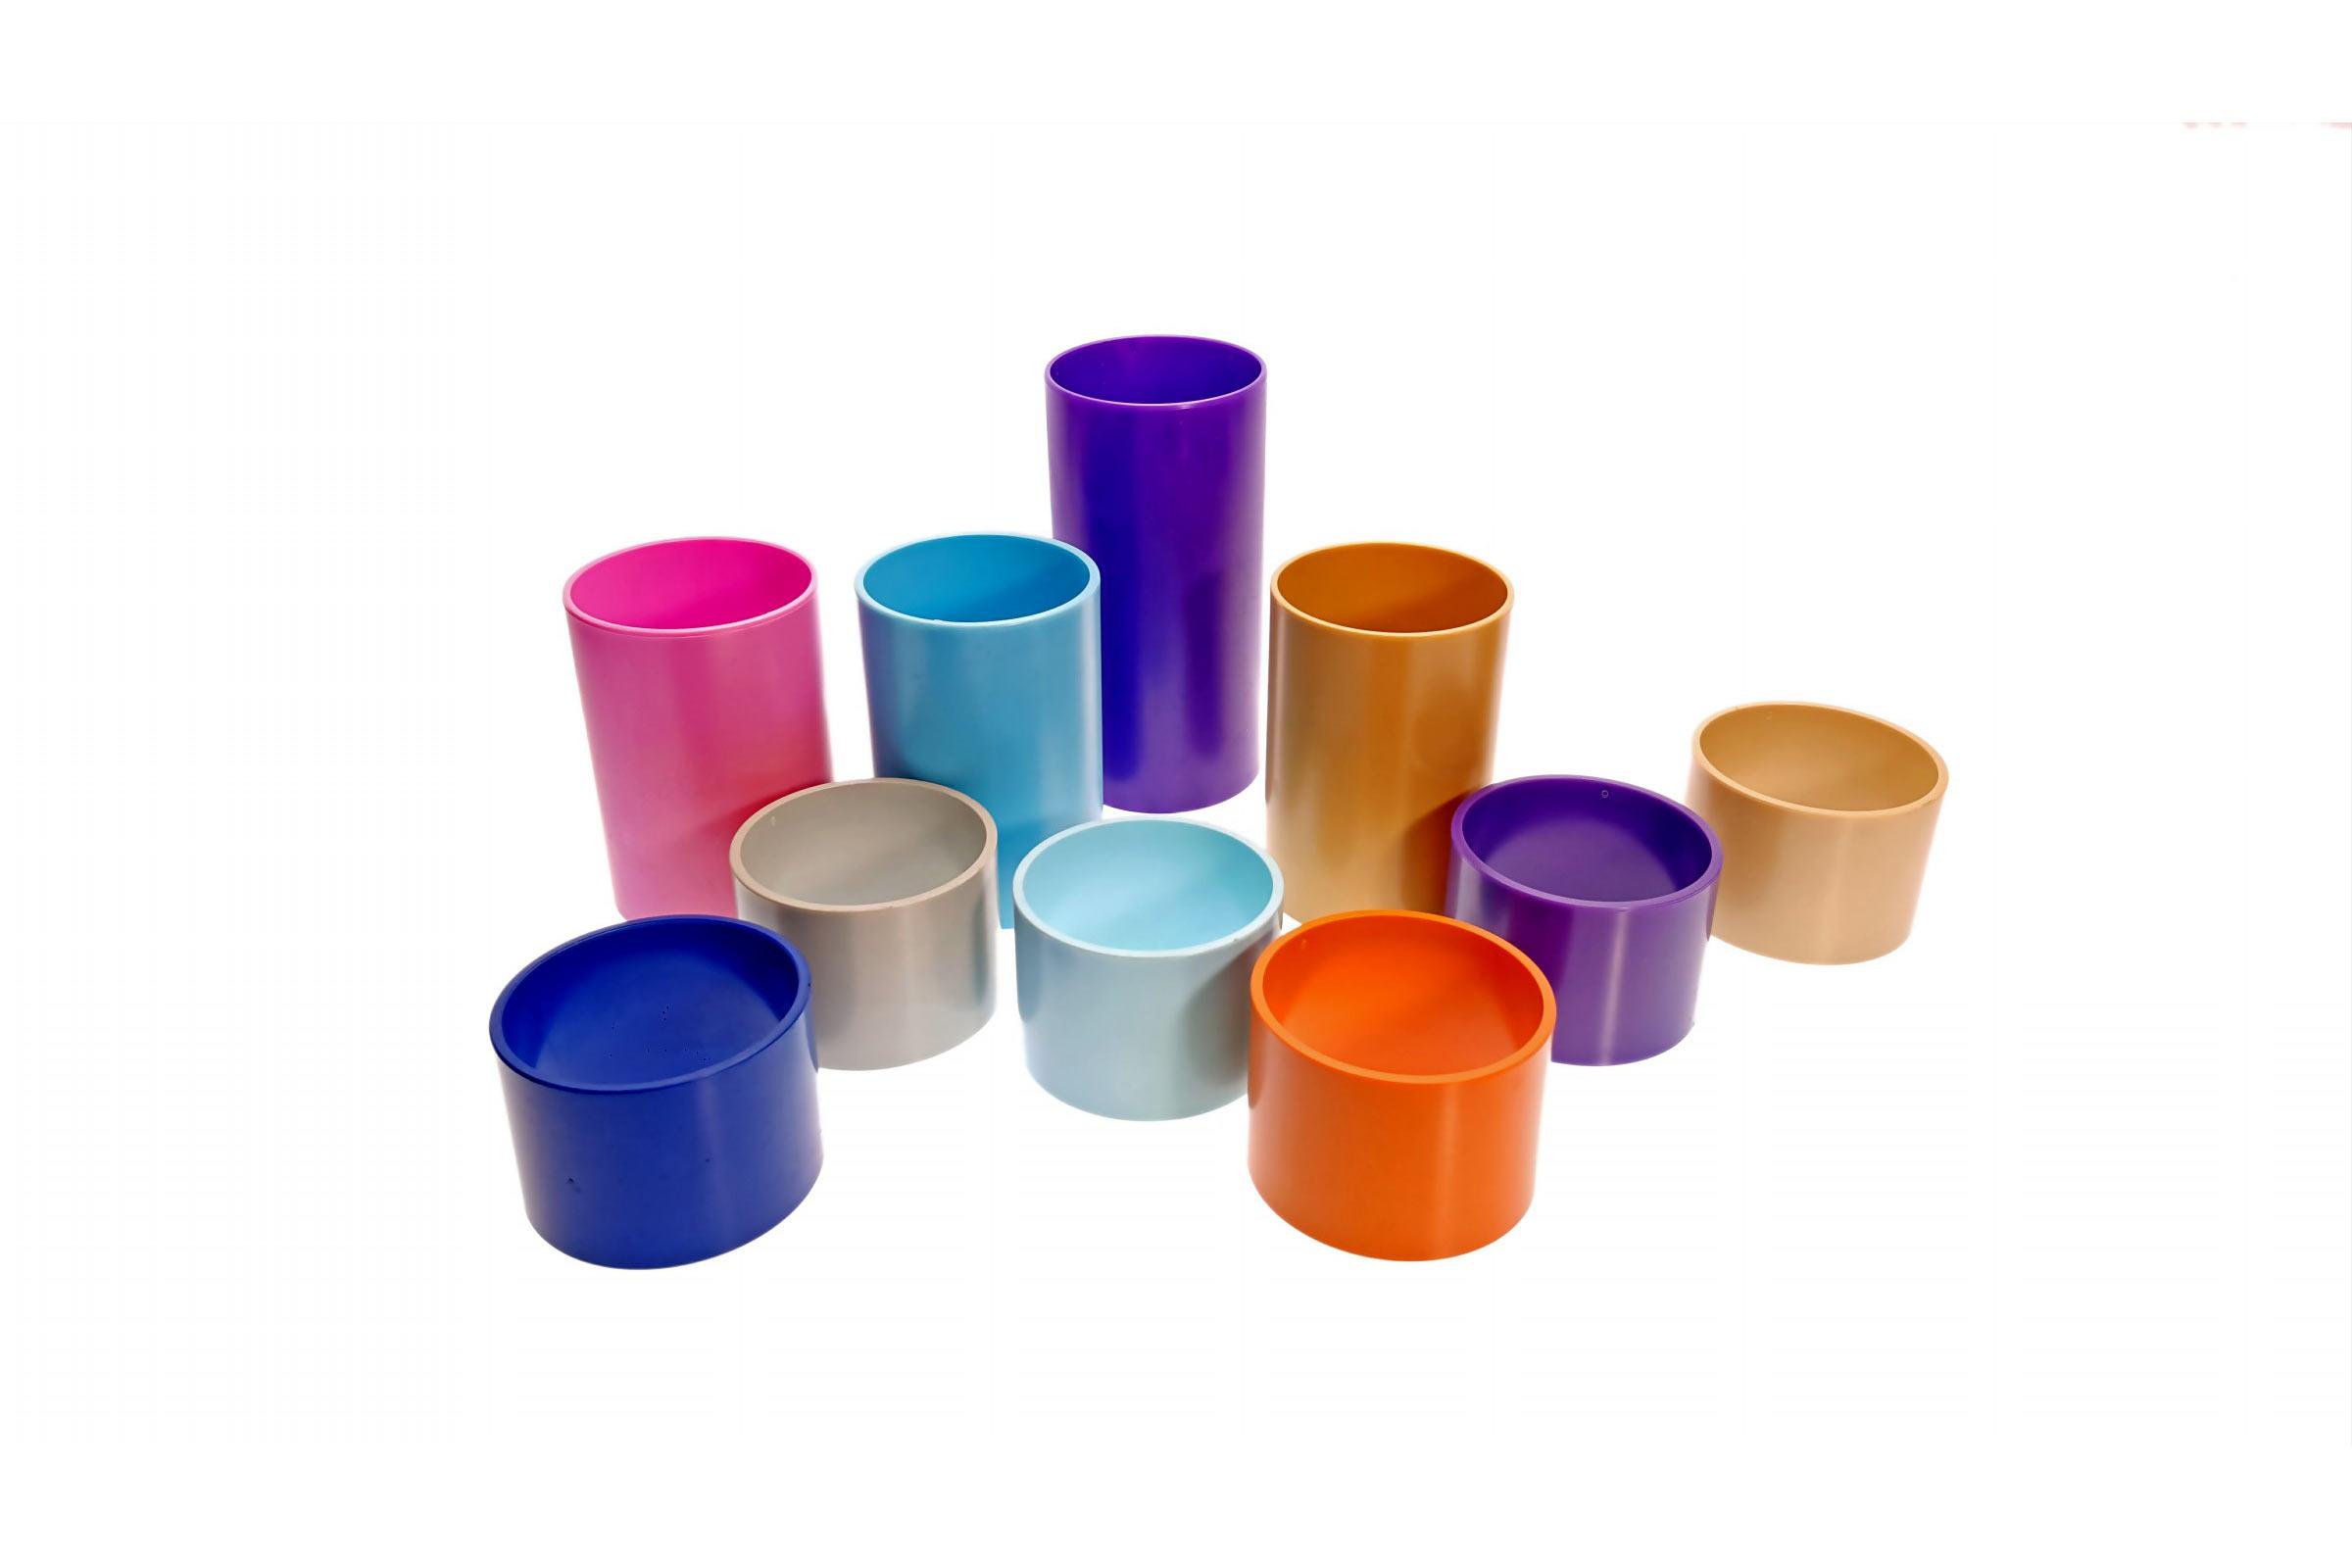 Bobine per Filati in diversi colori - Fratelli Marchesi Srl